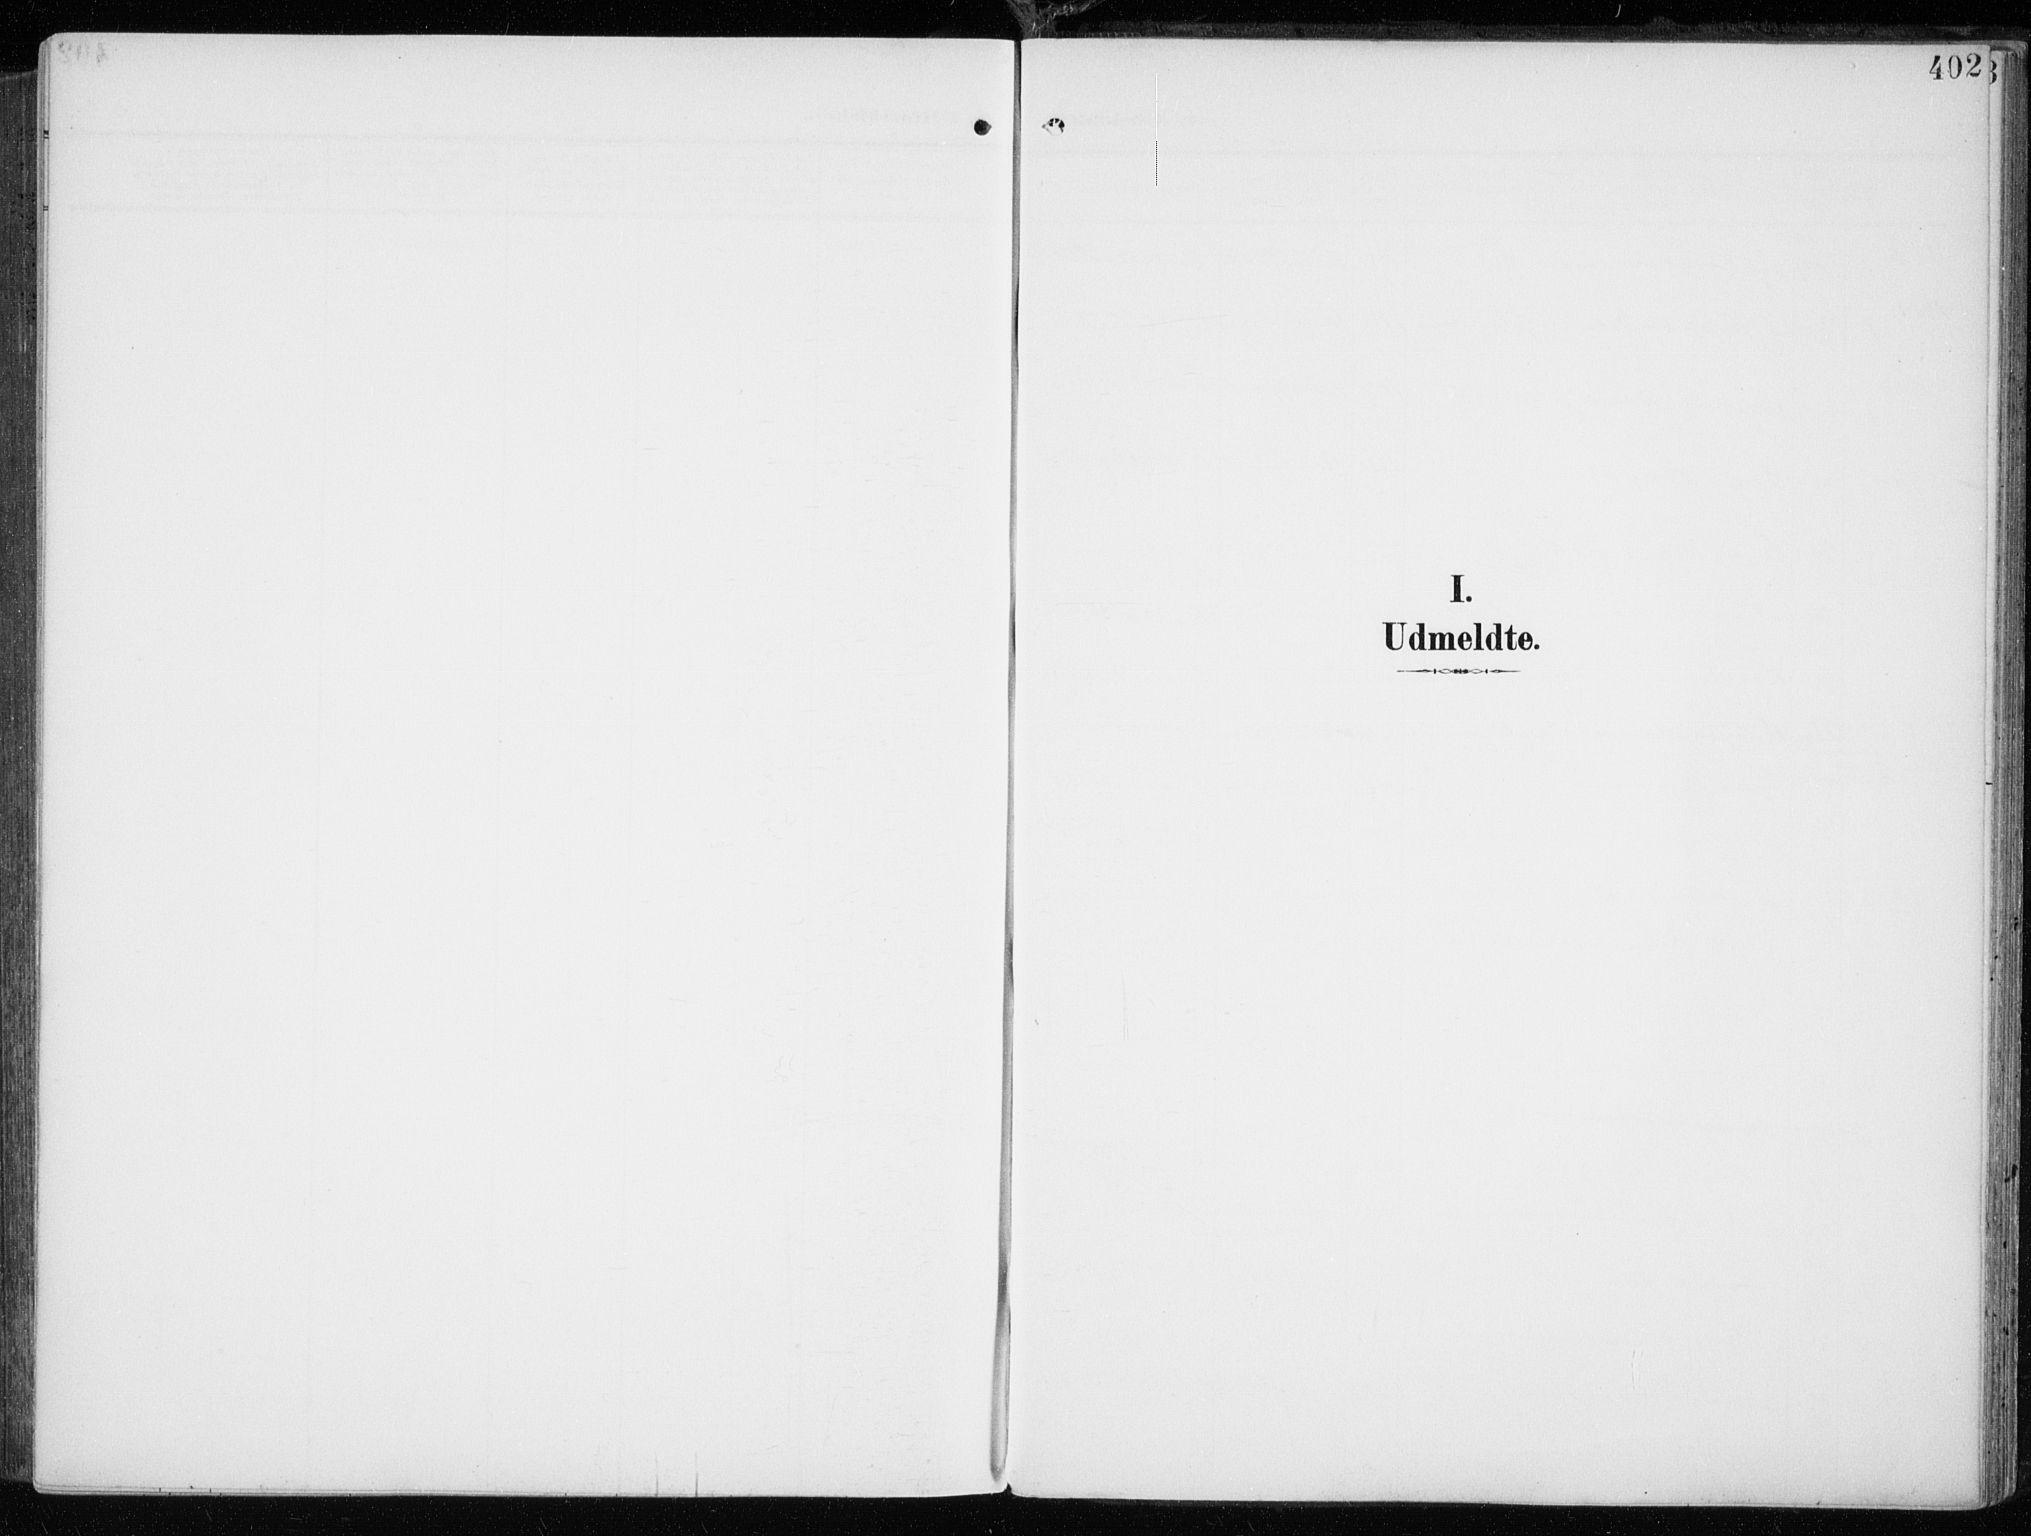 SATØ, Tromsøysund sokneprestkontor, G/Ga/L0007kirke: Ministerialbok nr. 7, 1907-1914, s. 402